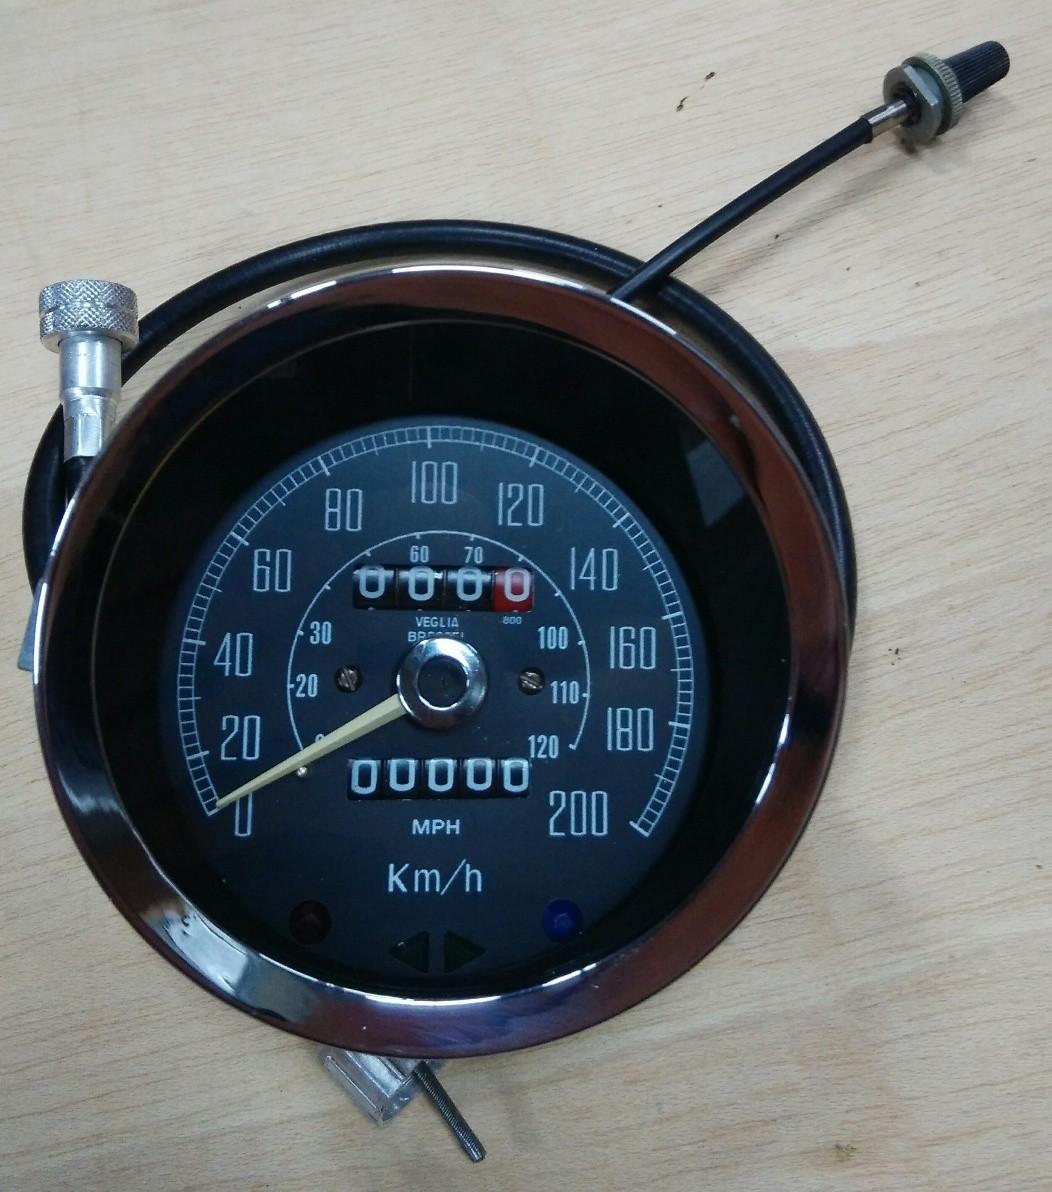 Cuentakm. Velocímetro Mini Cooper 1300 200 km/h + Cable